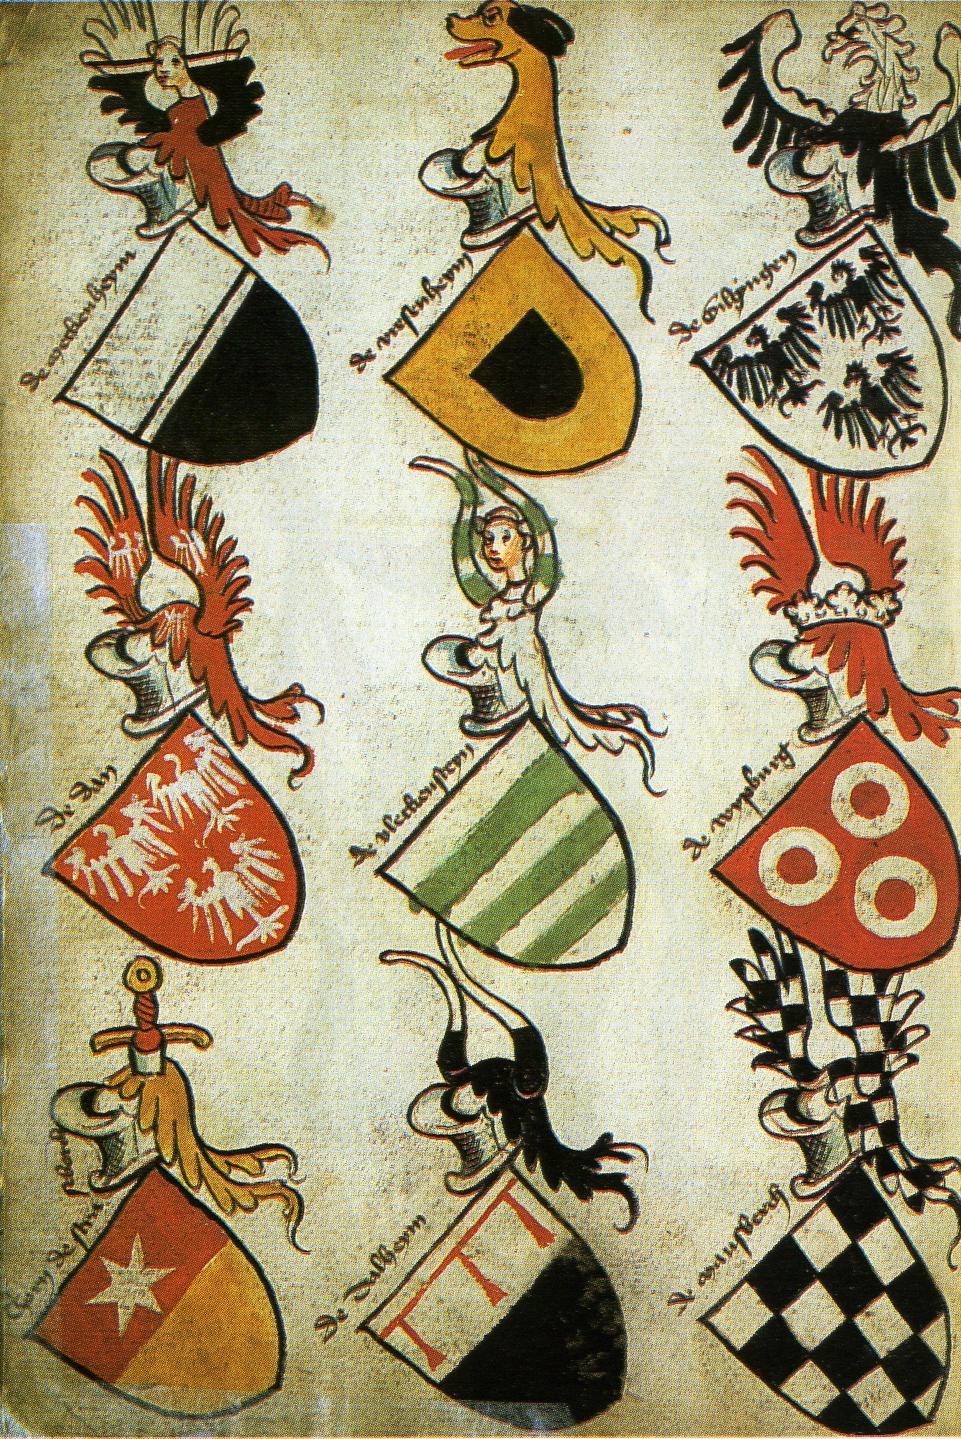 Blasons dans un armorial du XVe siècle.